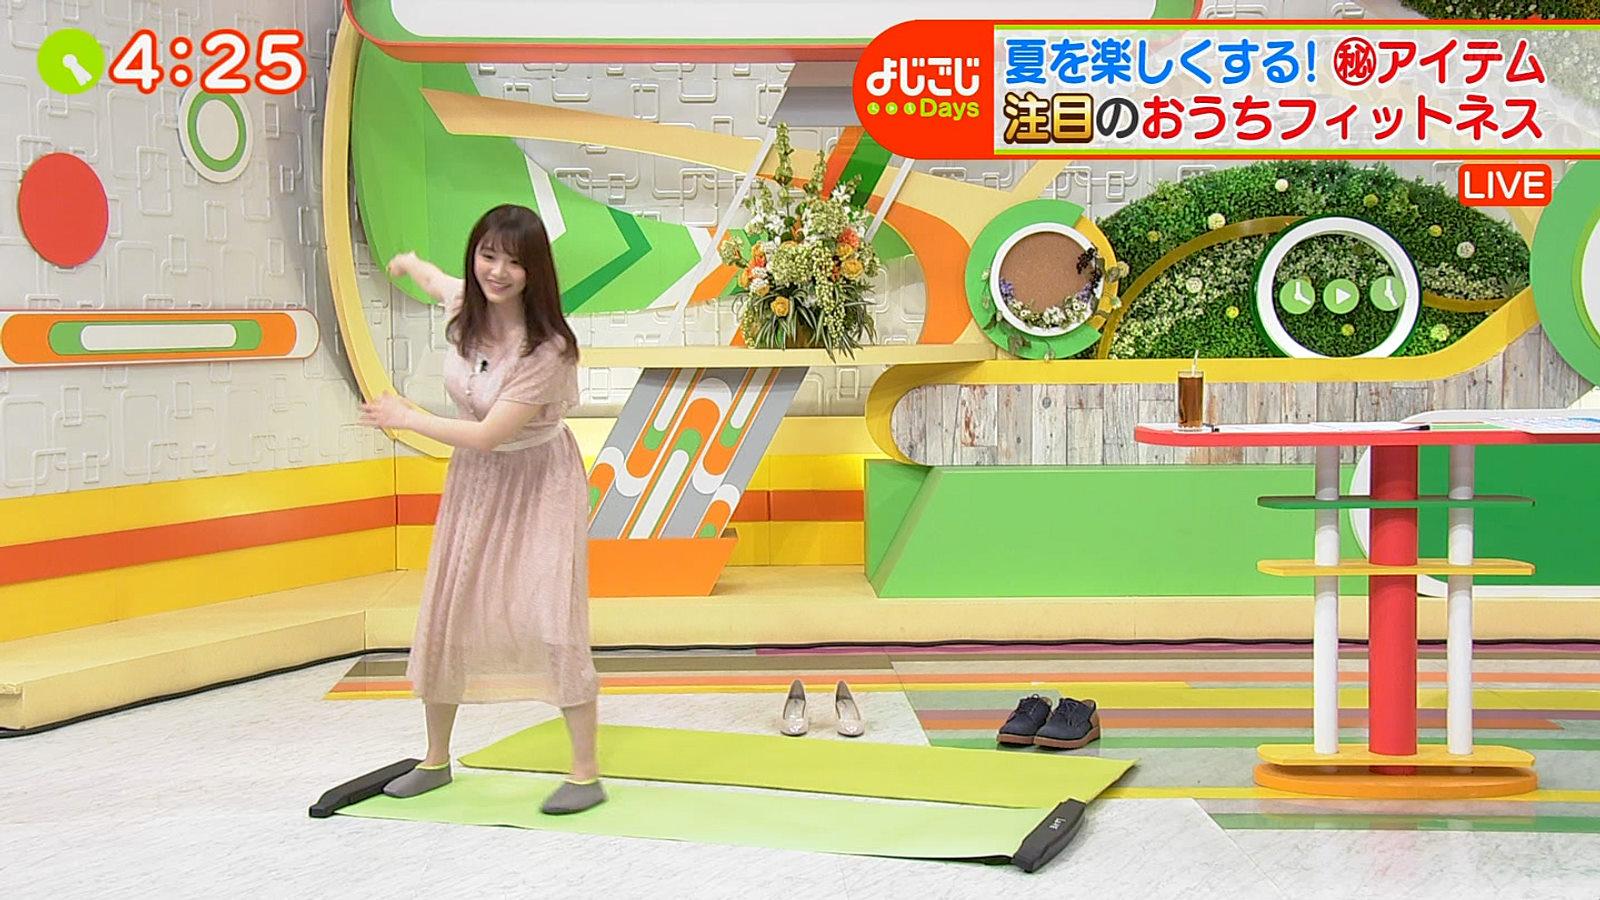 森香澄_女子アナ_おっぱい_乳揺れ_よじごじDAYS_48